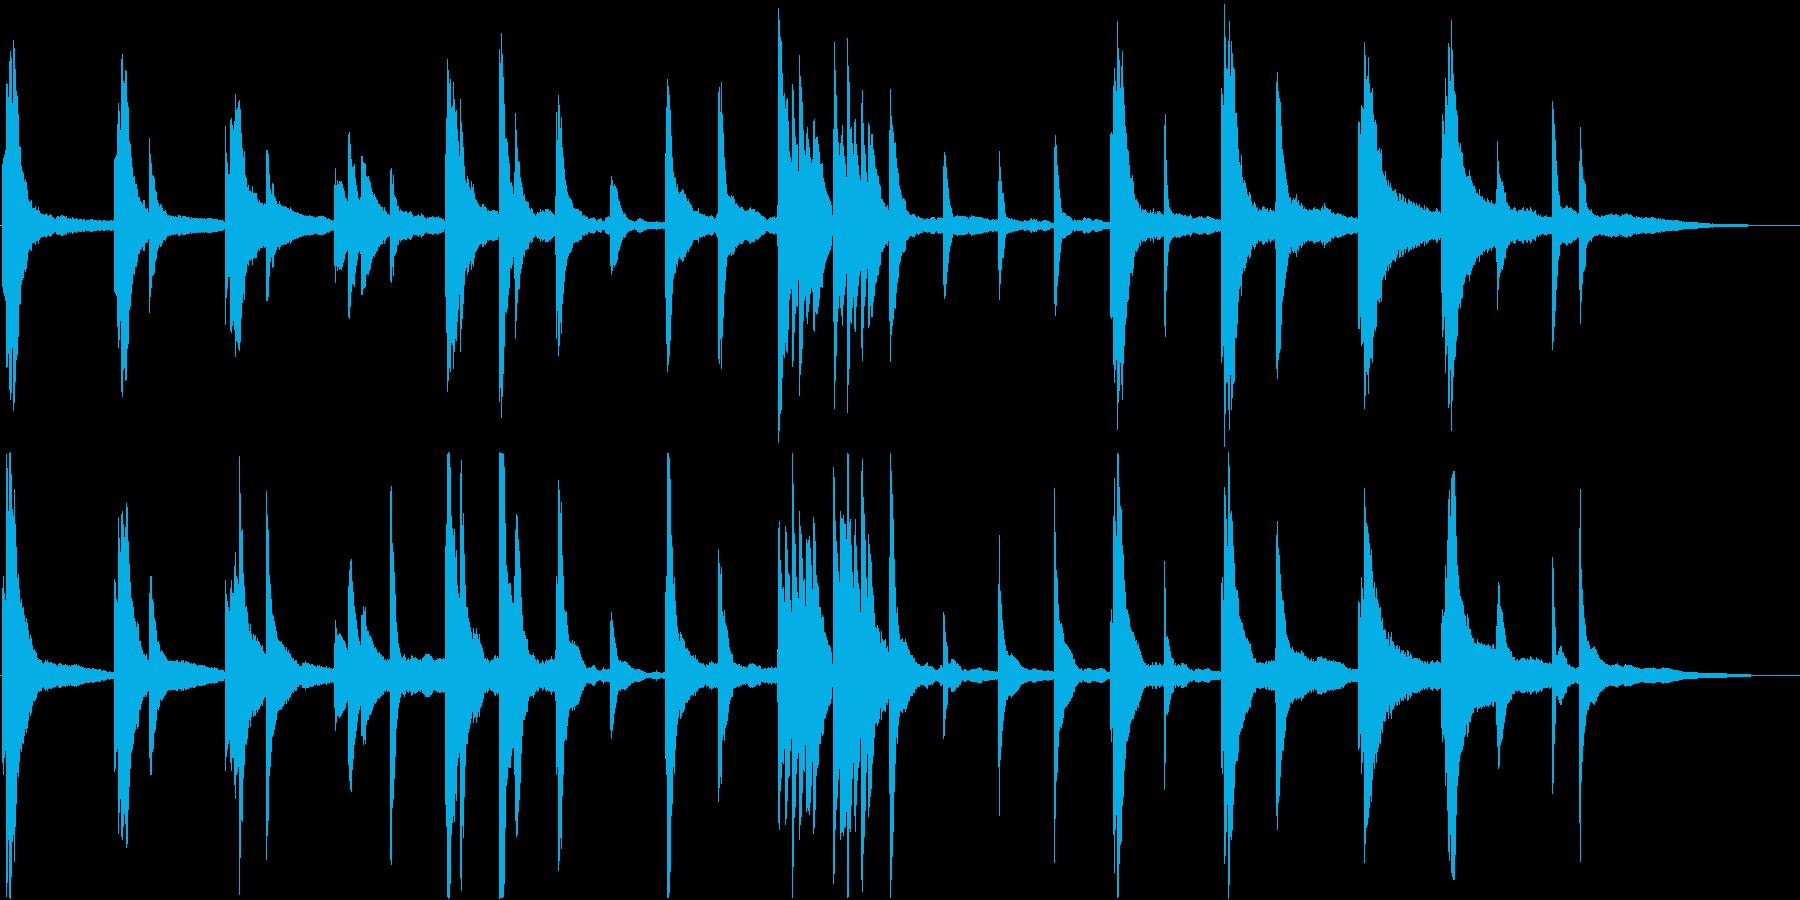 即興的な暗いピアノ・ソロ曲の再生済みの波形